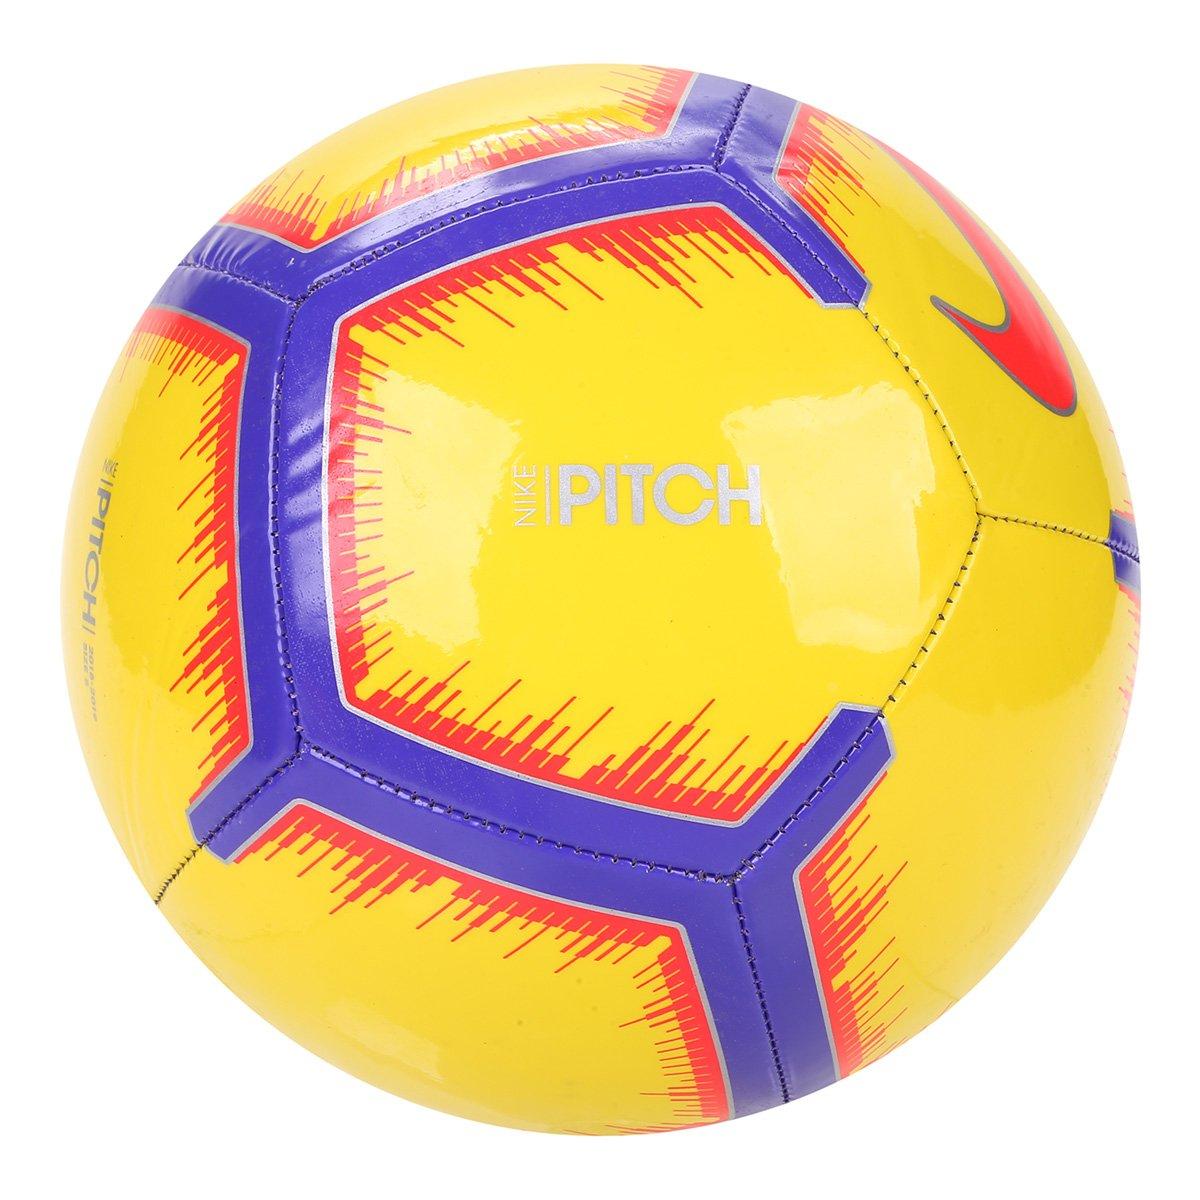 5a51f24bfb Bola de Futebol Campo Pitch Nike - Amarelo - Compre Agora